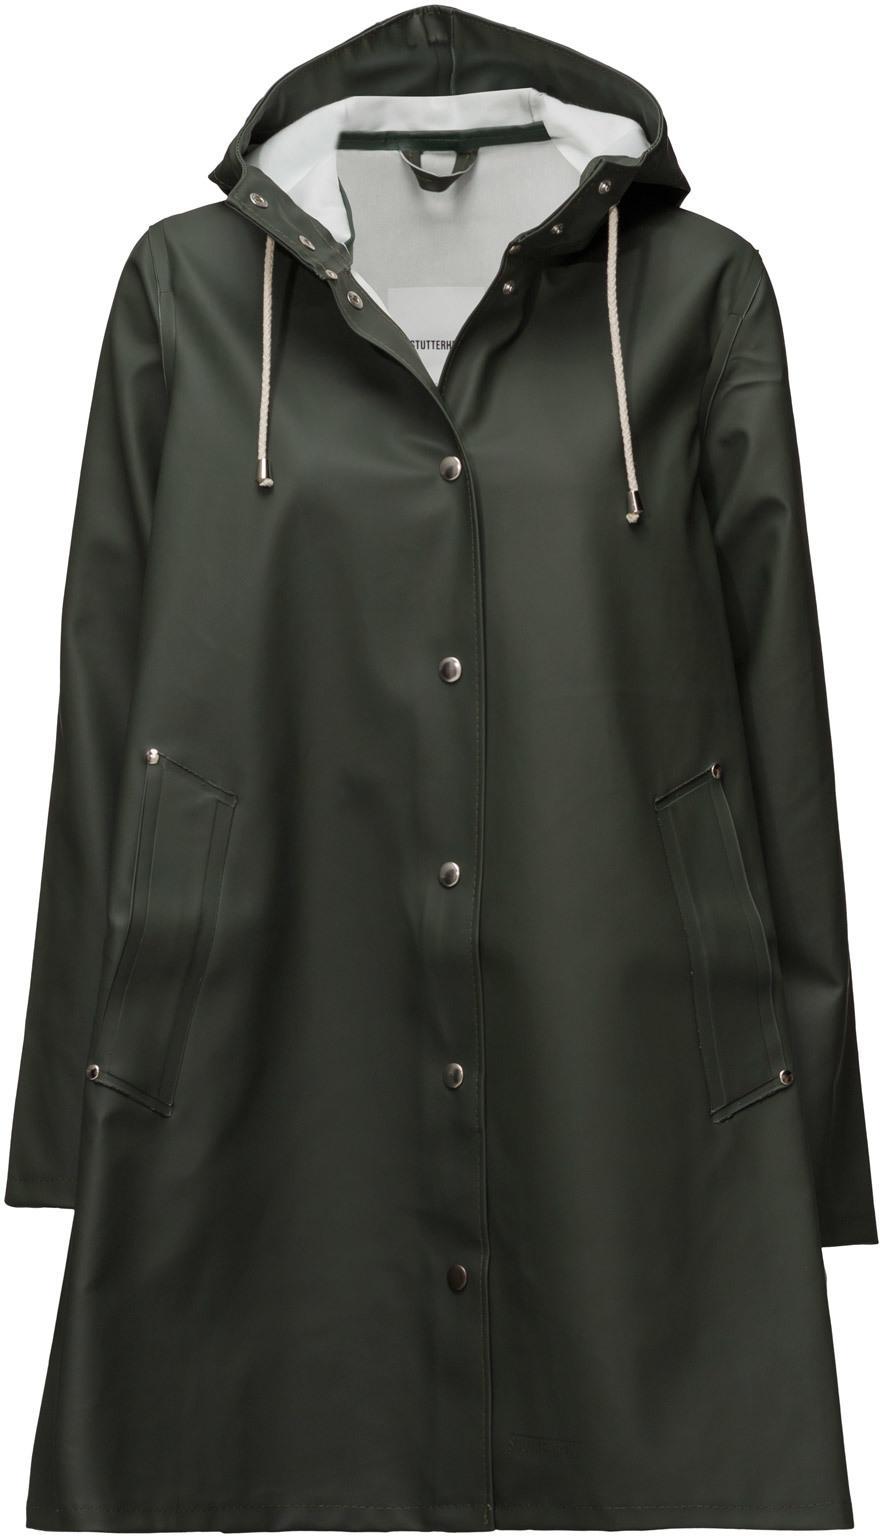 f71808dd Best pris på Stutterheim Mosebacke regnjakke (dame) - Se priser før kjøp i  Prisguiden